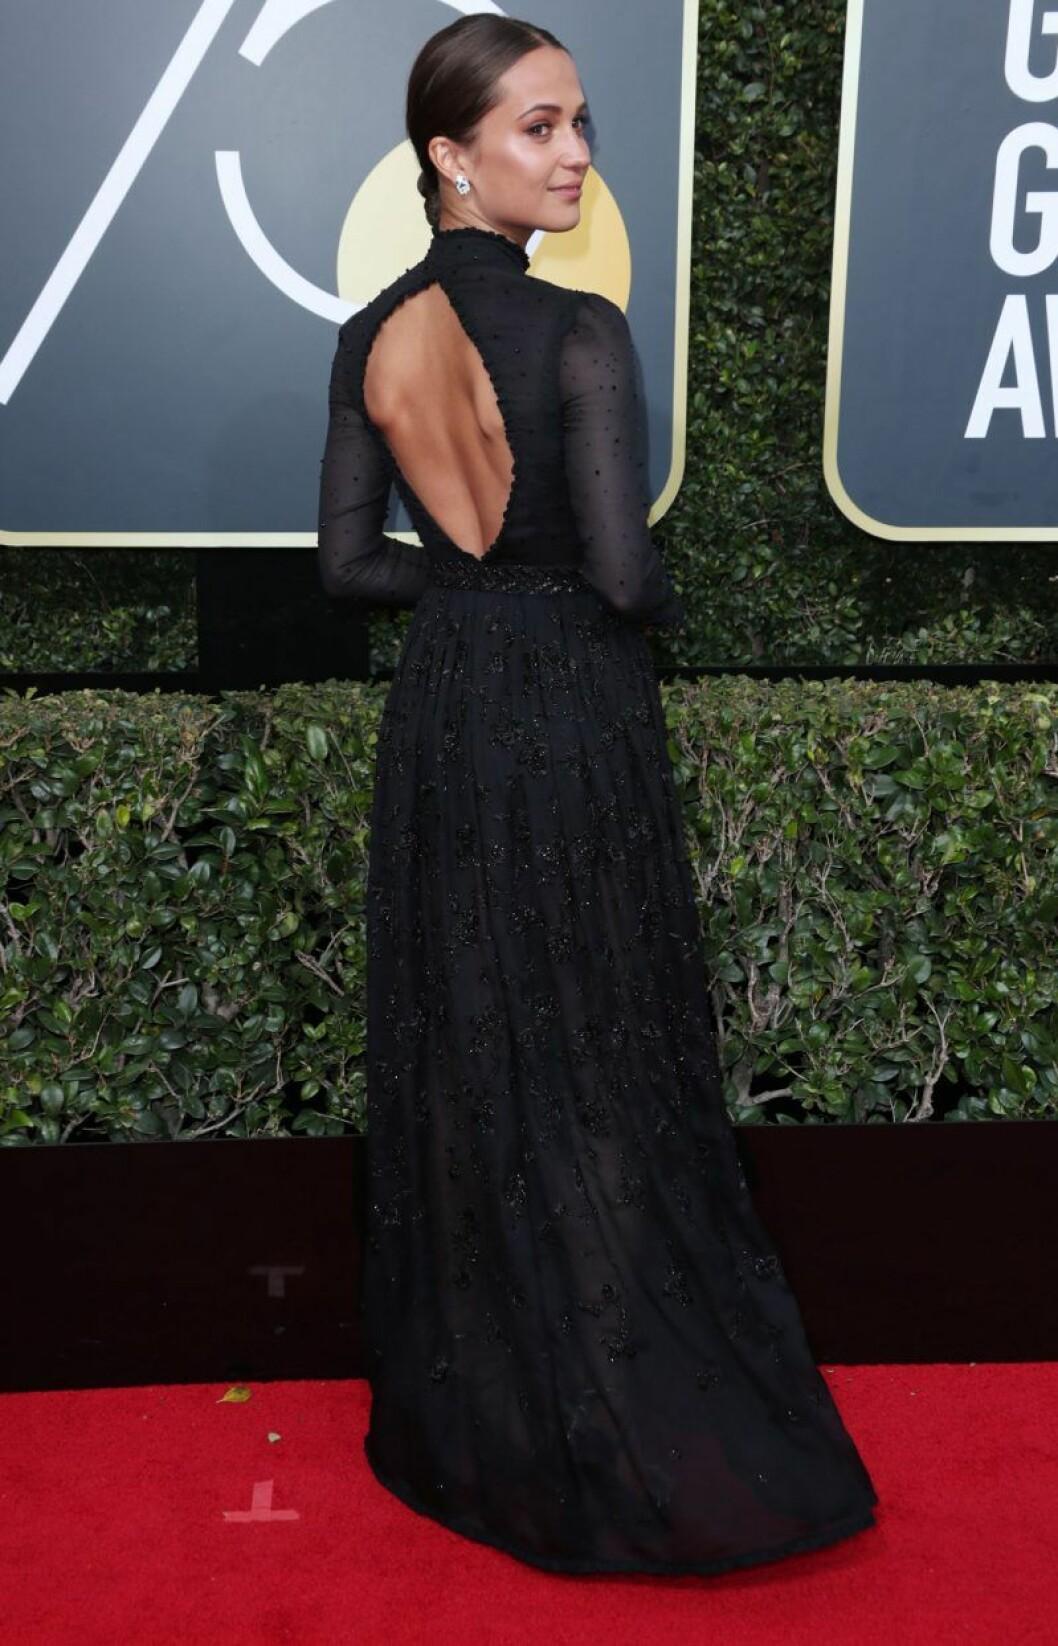 Alicia Vikander i svart klänning med öppen rygg